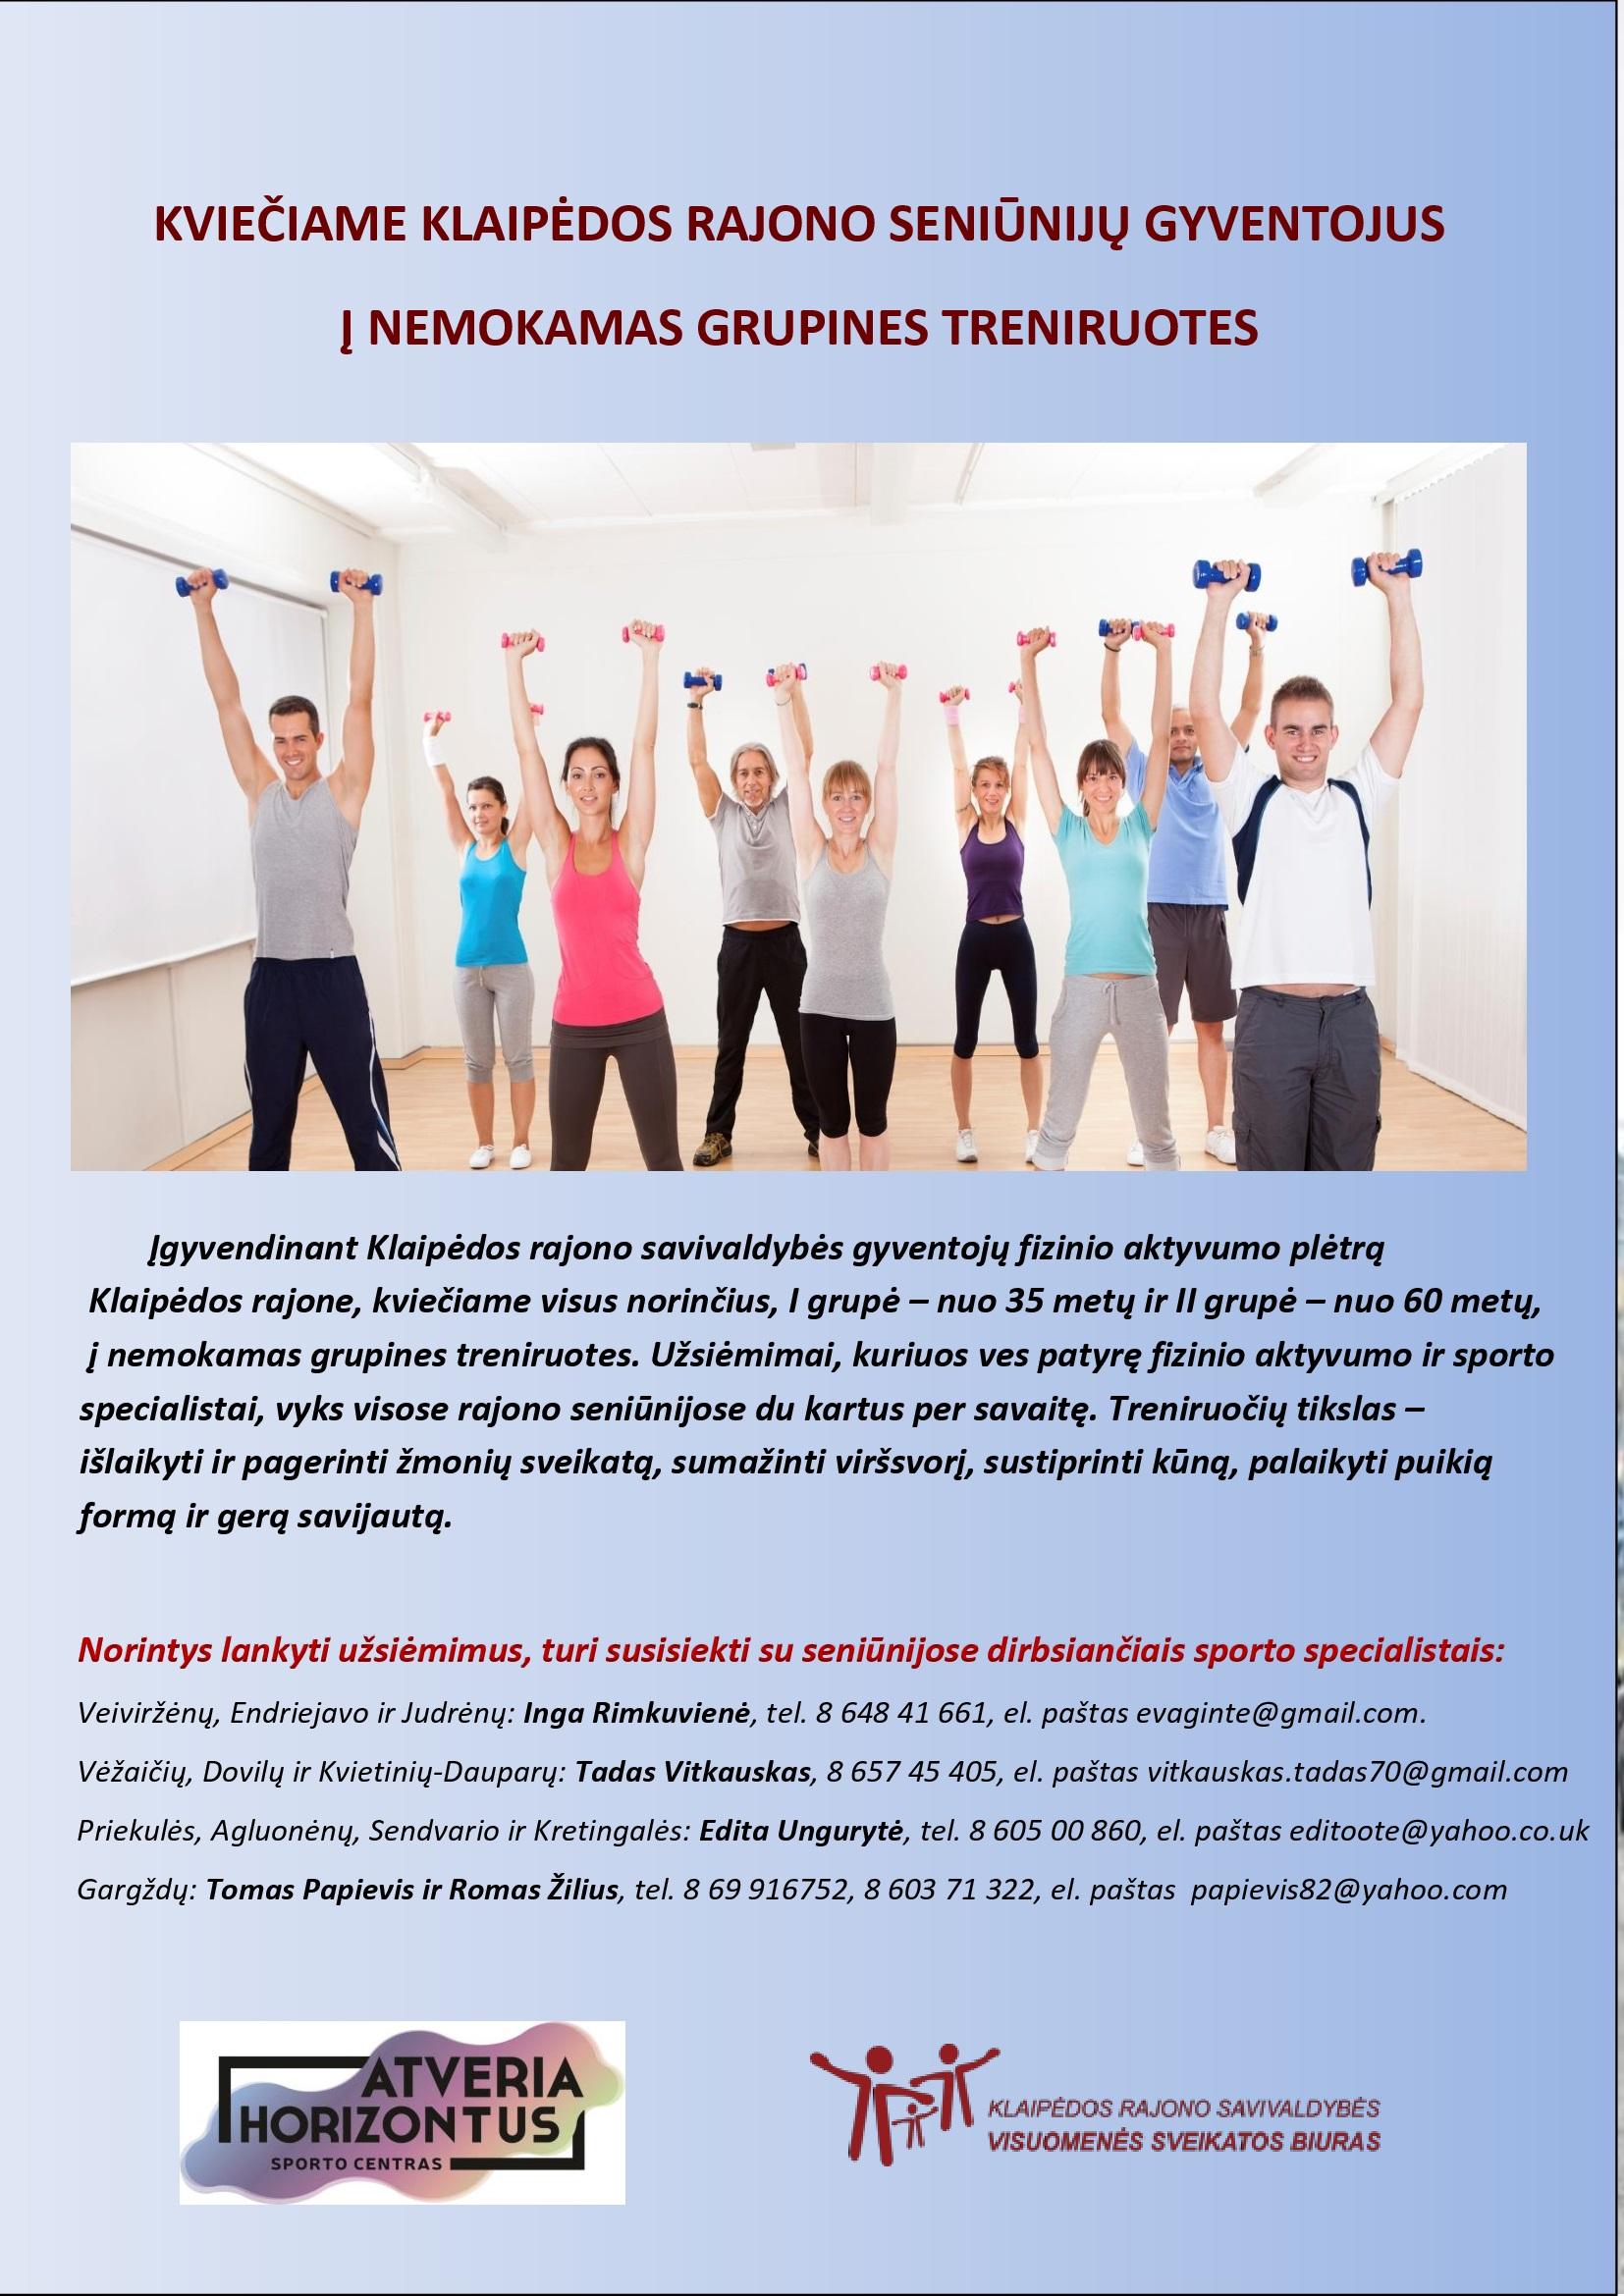 Kviečiame registruotis į nemokamas grupines treniruotes